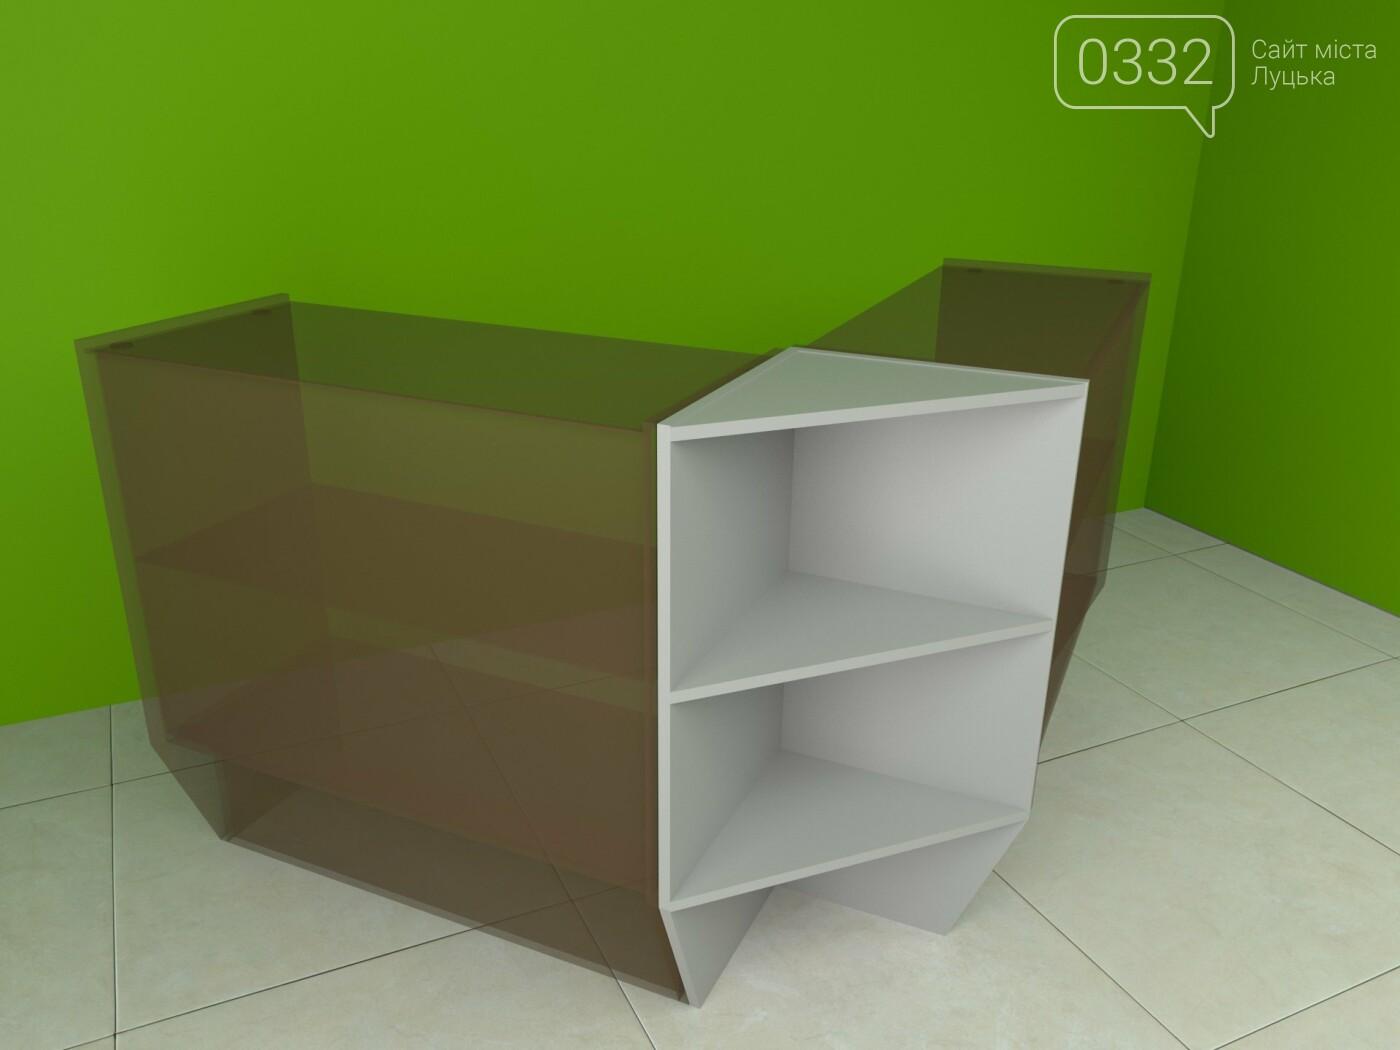 Якісне обладнання за привабливою ціною: торговий прилавок від виробника, фото-1